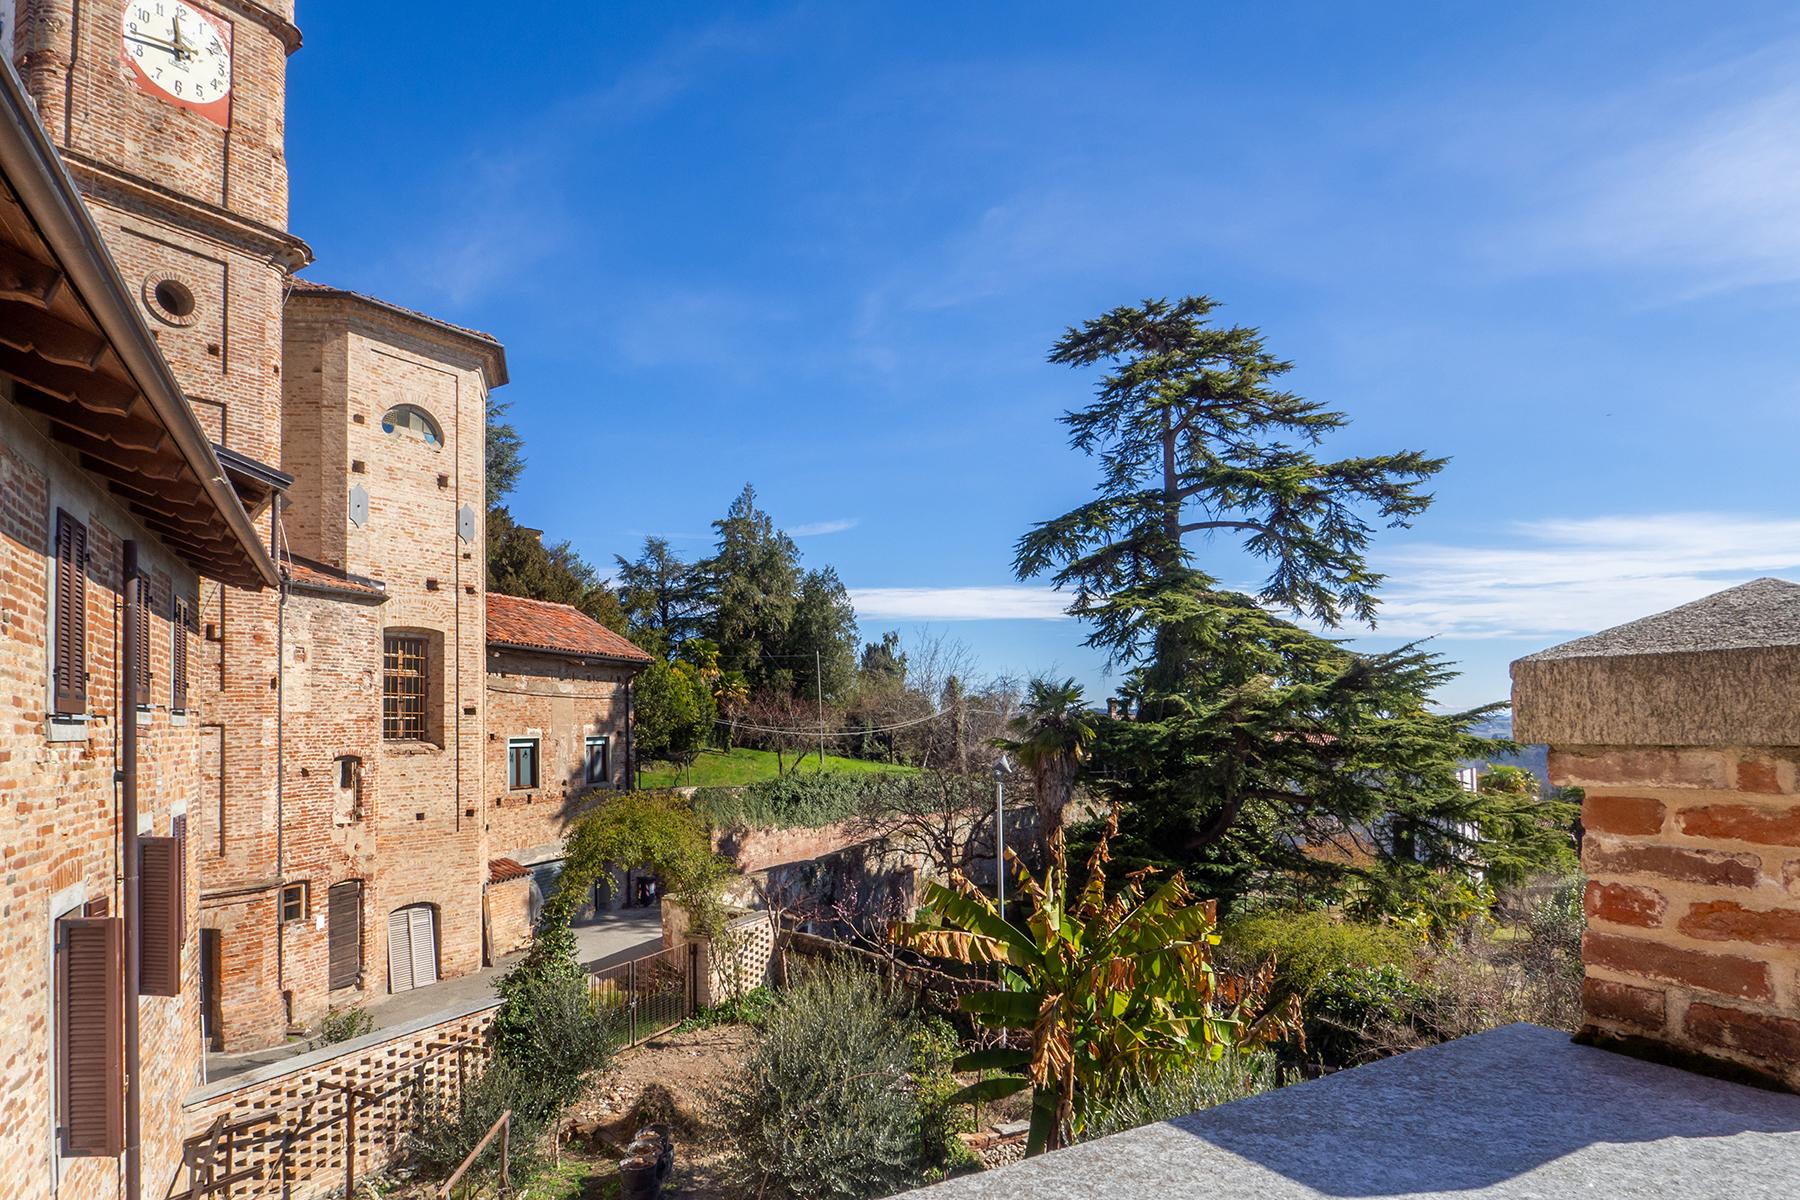 Casa indipendente in Vendita a Moncestino: 5 locali, 300 mq